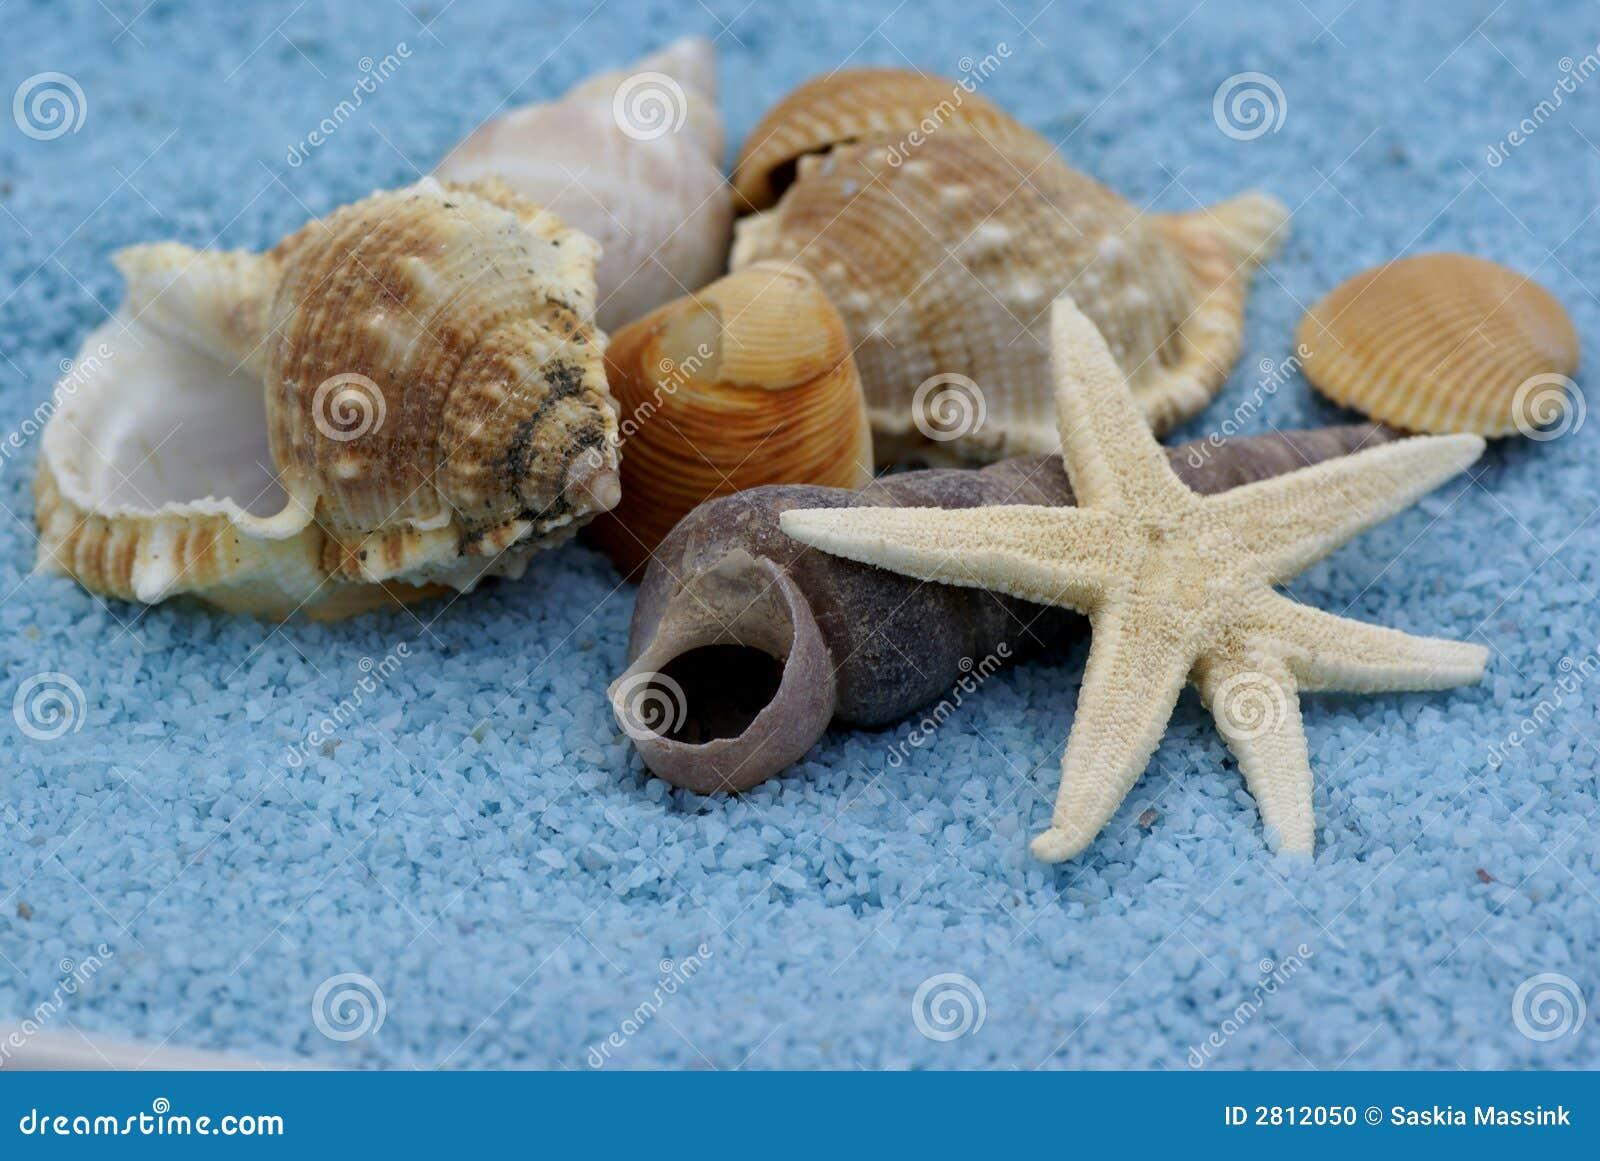 Bündel Shells.